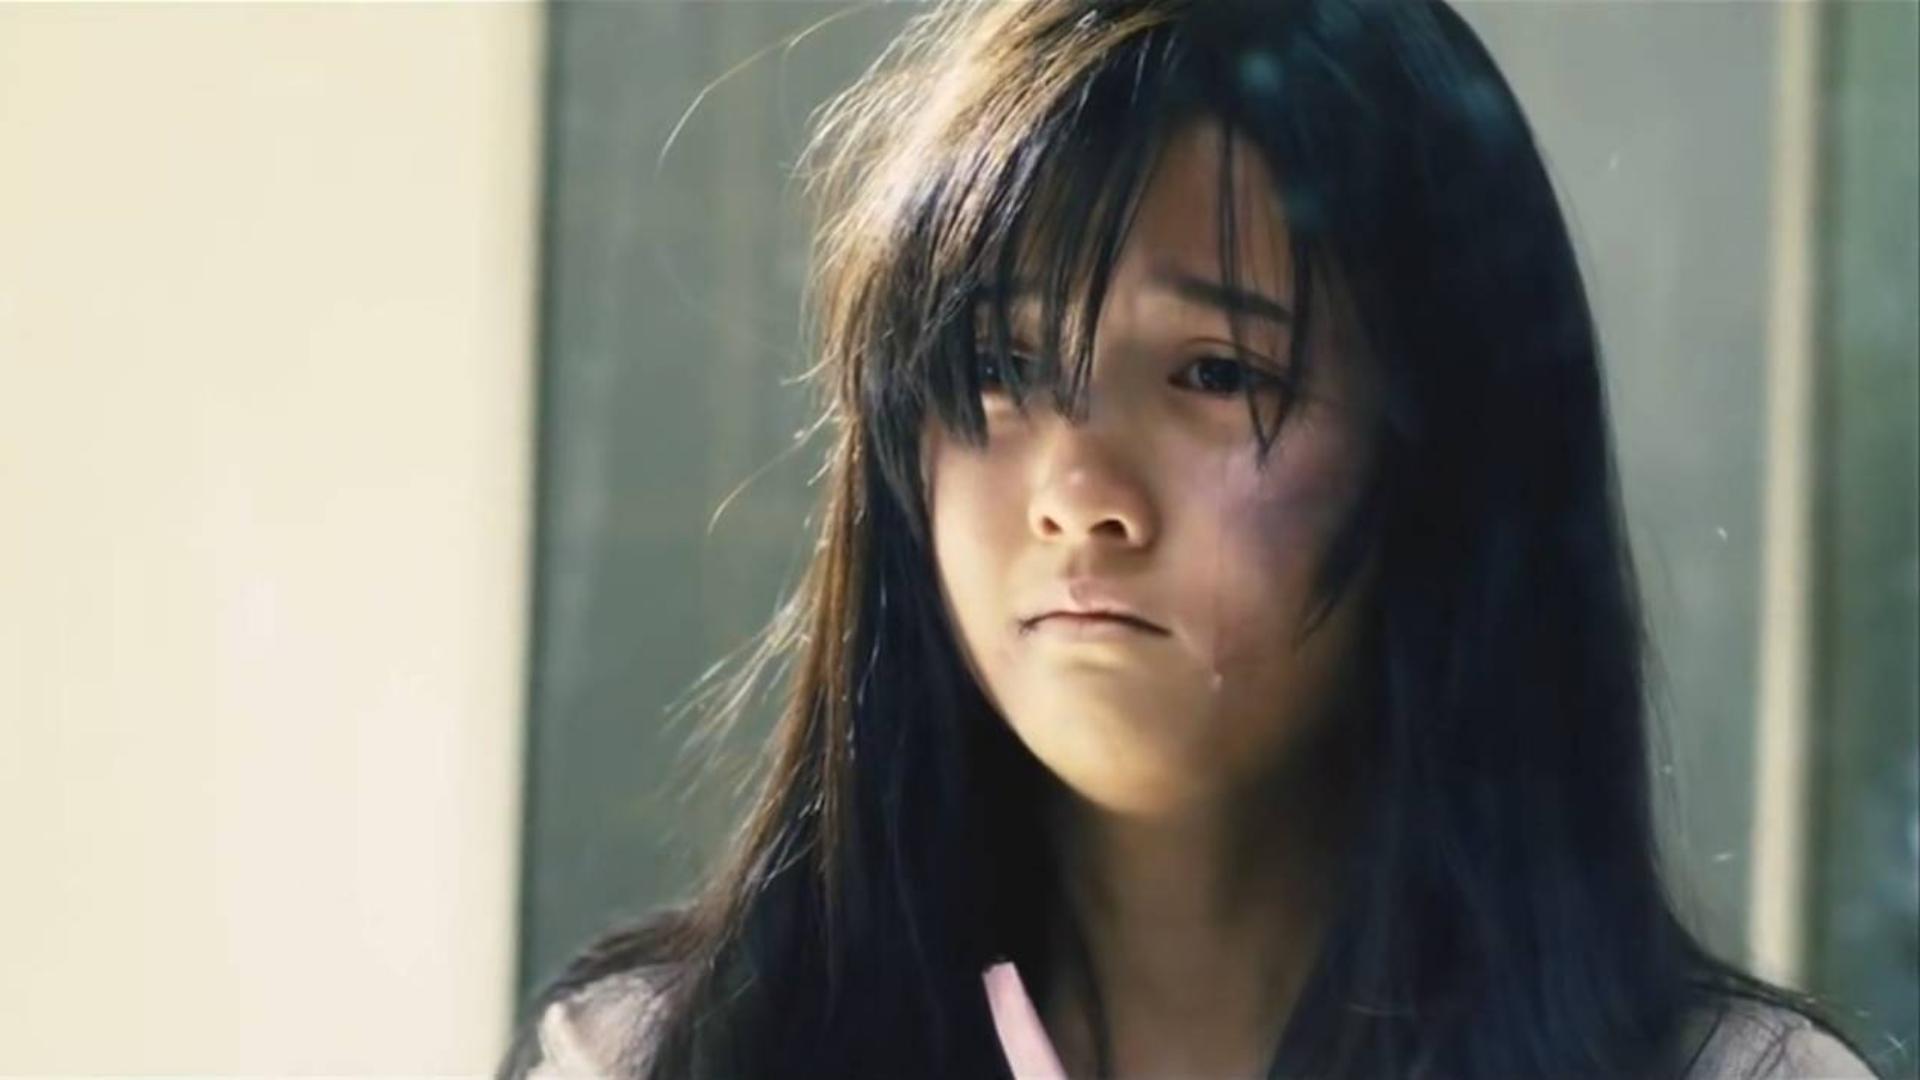 校园电影:花悸少女不听闺蜜劝阻,独自到天台见男神,结果悲剧了